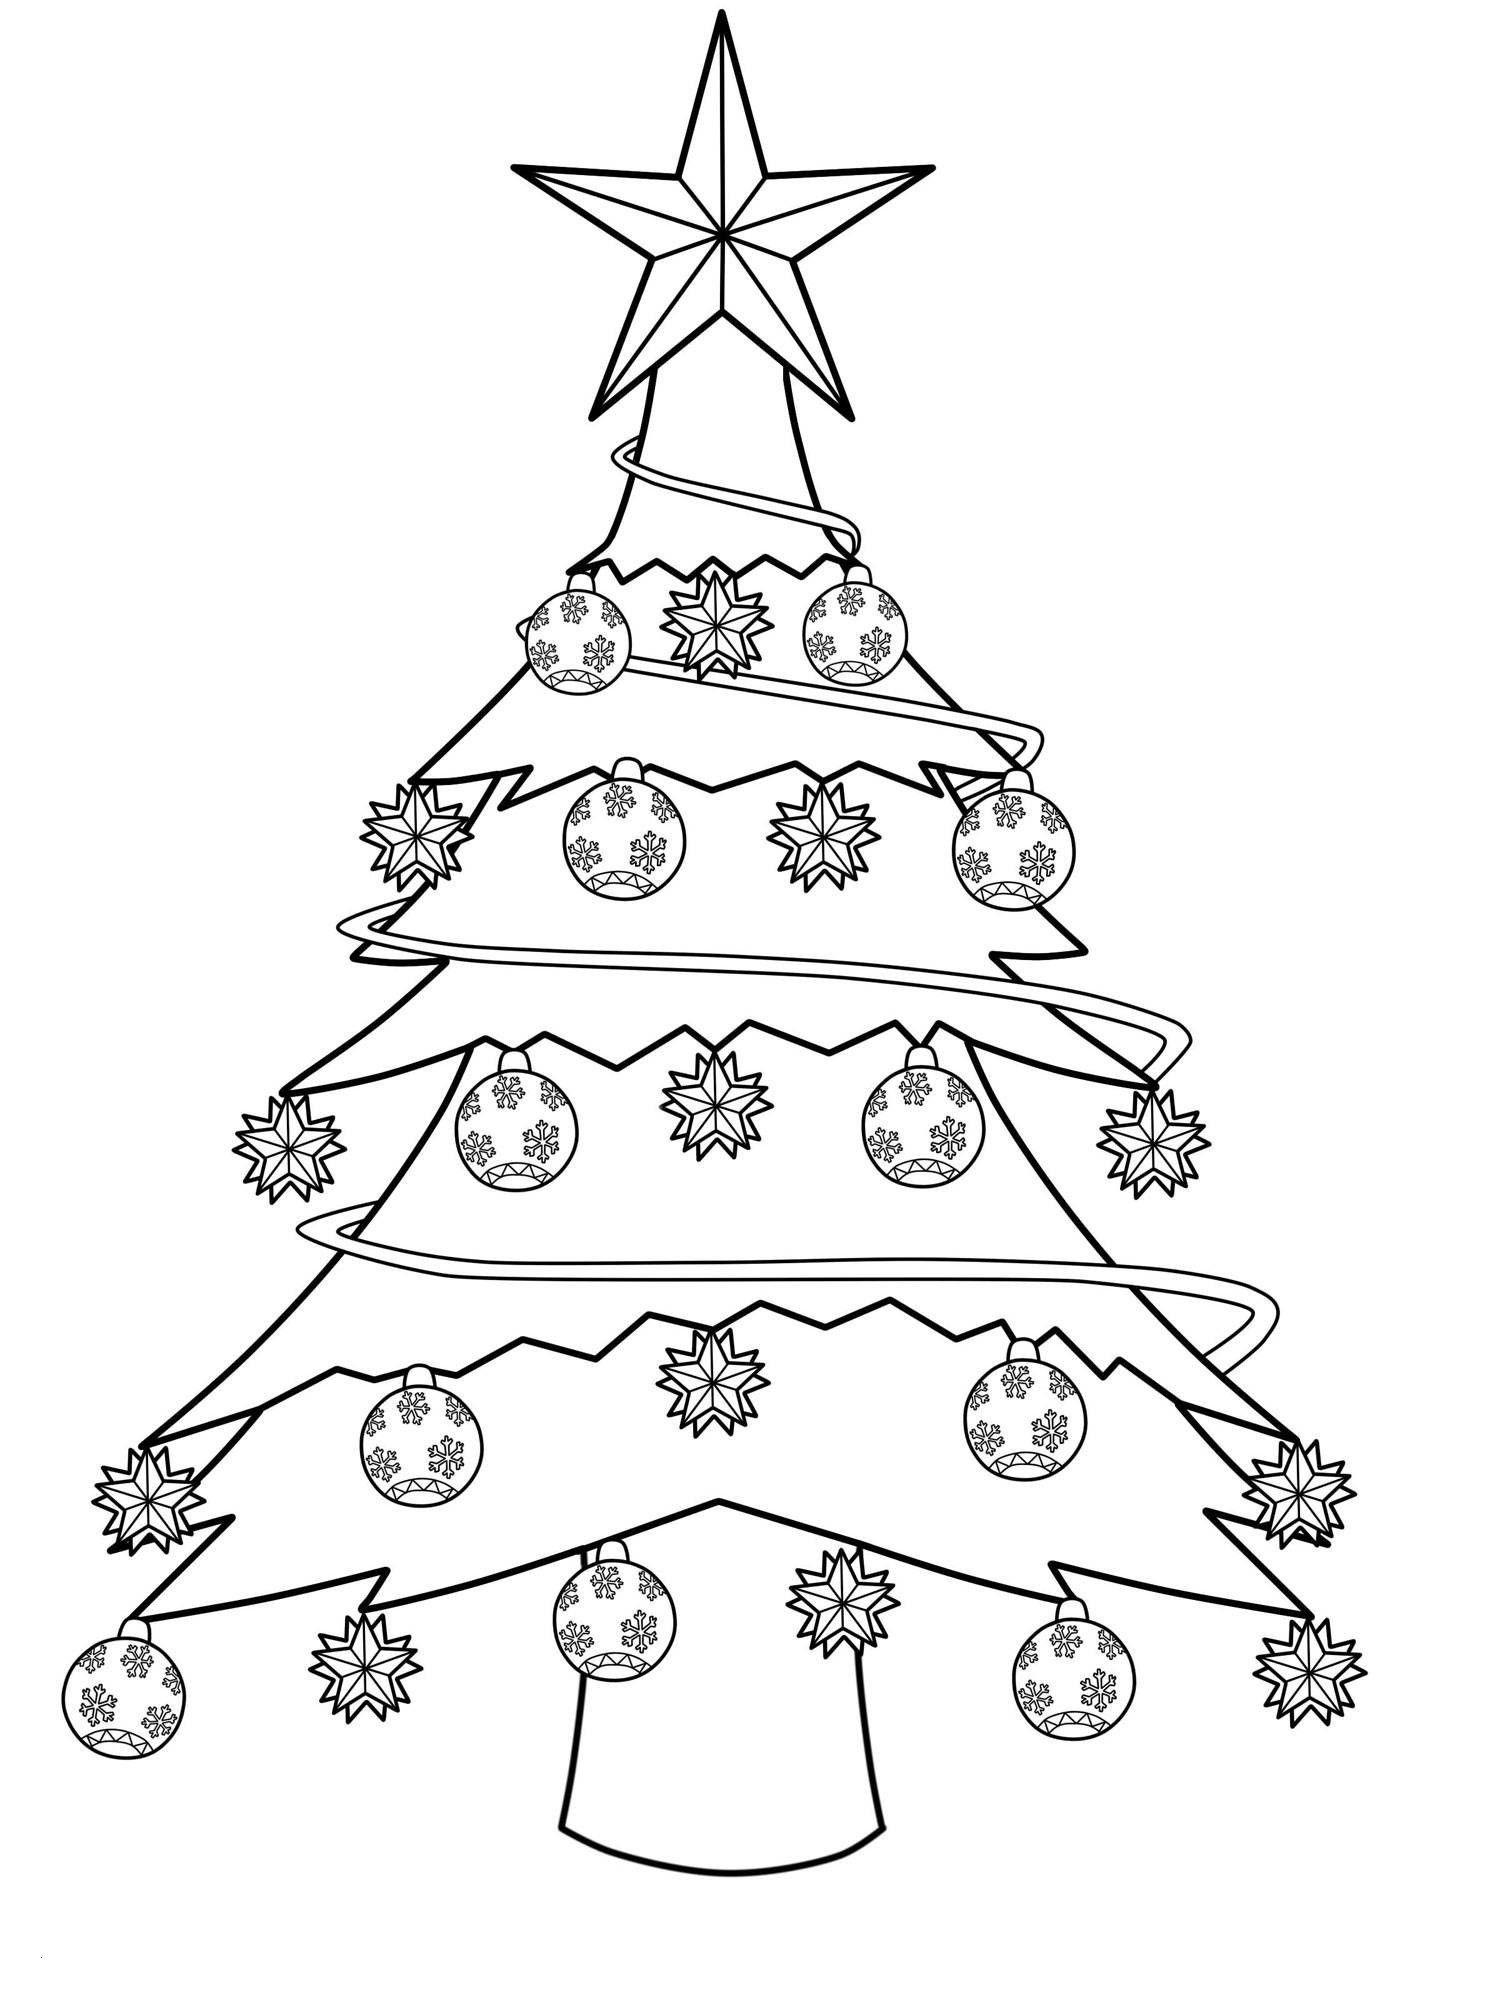 Frisch Schablone Tannenbaum | Color, Seasons über Tannenbaum Zum Ausmalen